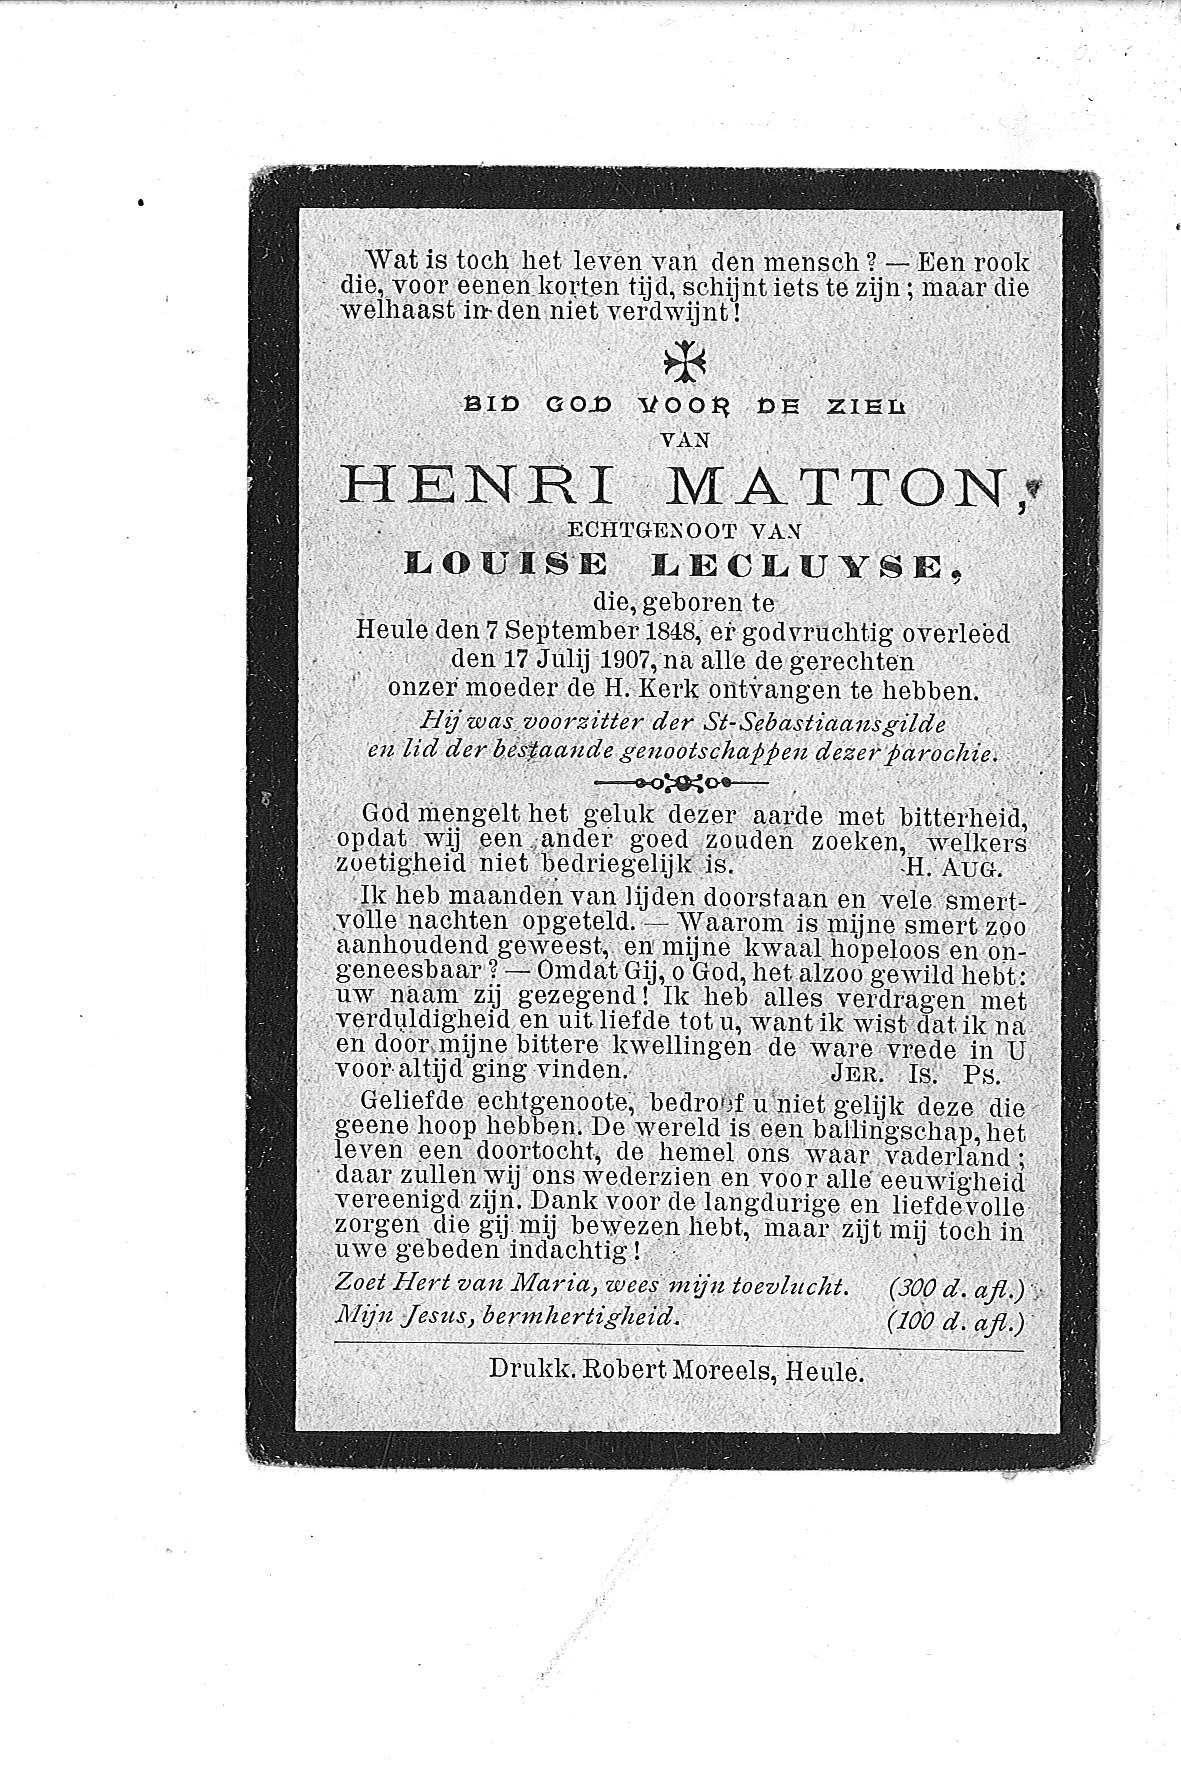 Henri(1907)20100414164122_00008.jpg